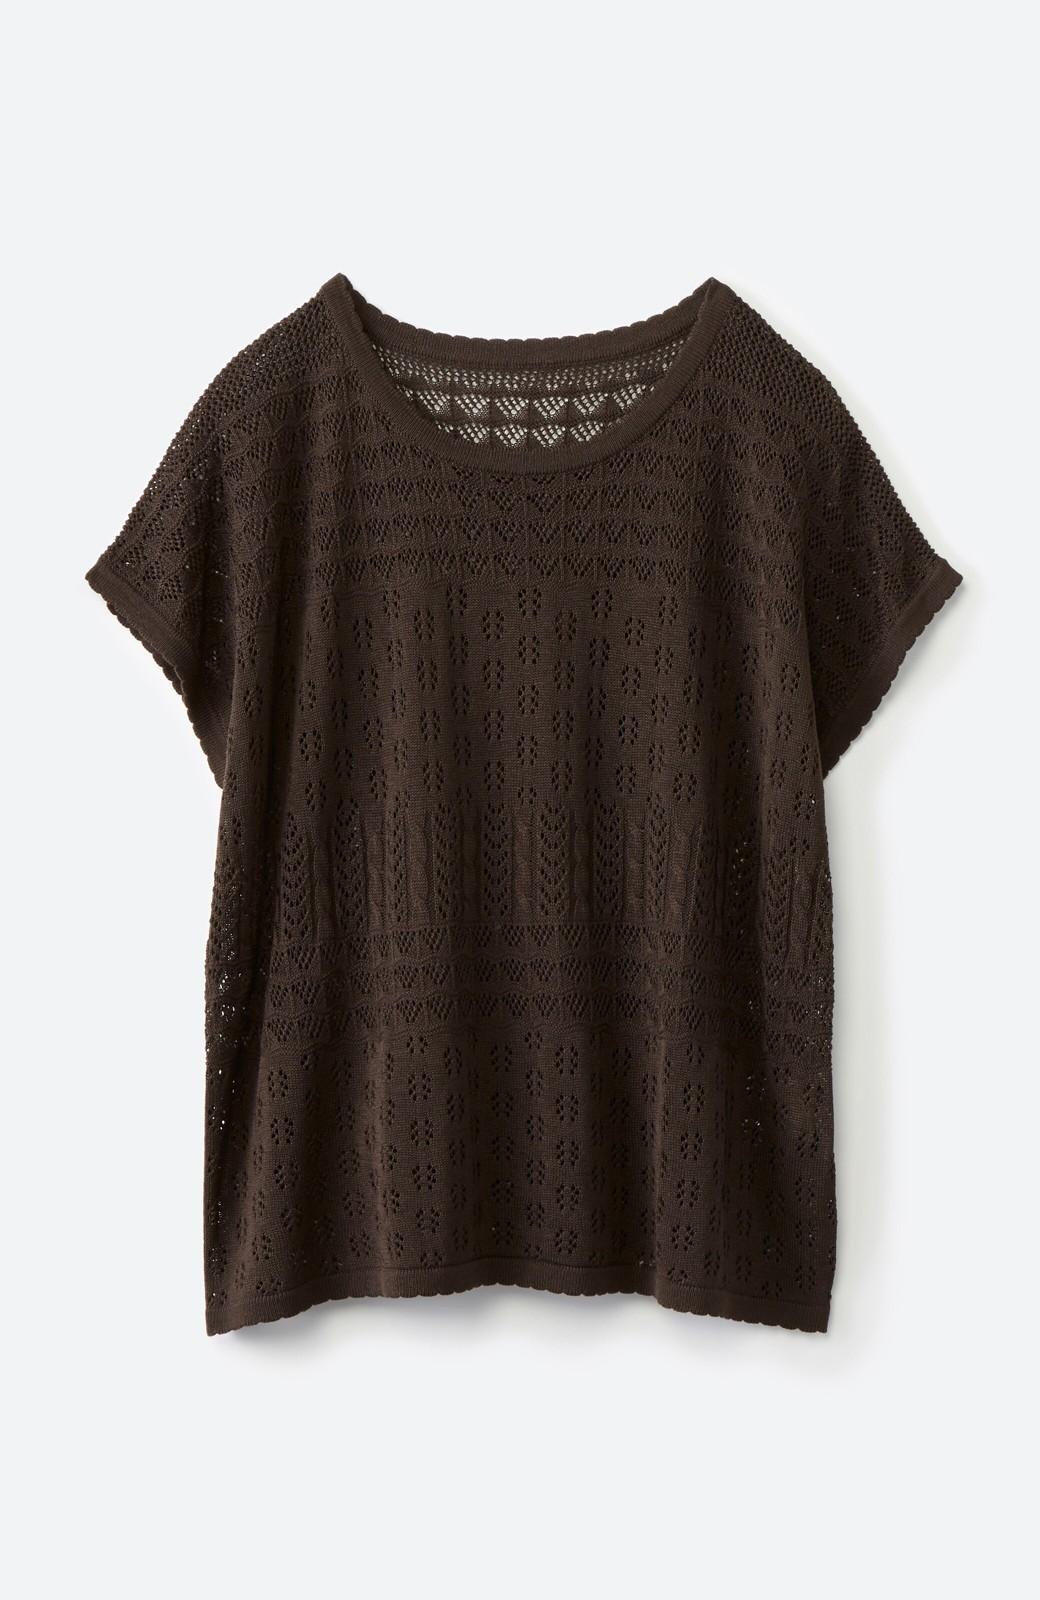 haco! 1枚でも重ね着にも便利なヘビロテしたくなる透かし編みニットトップス <チョコ>の商品写真14